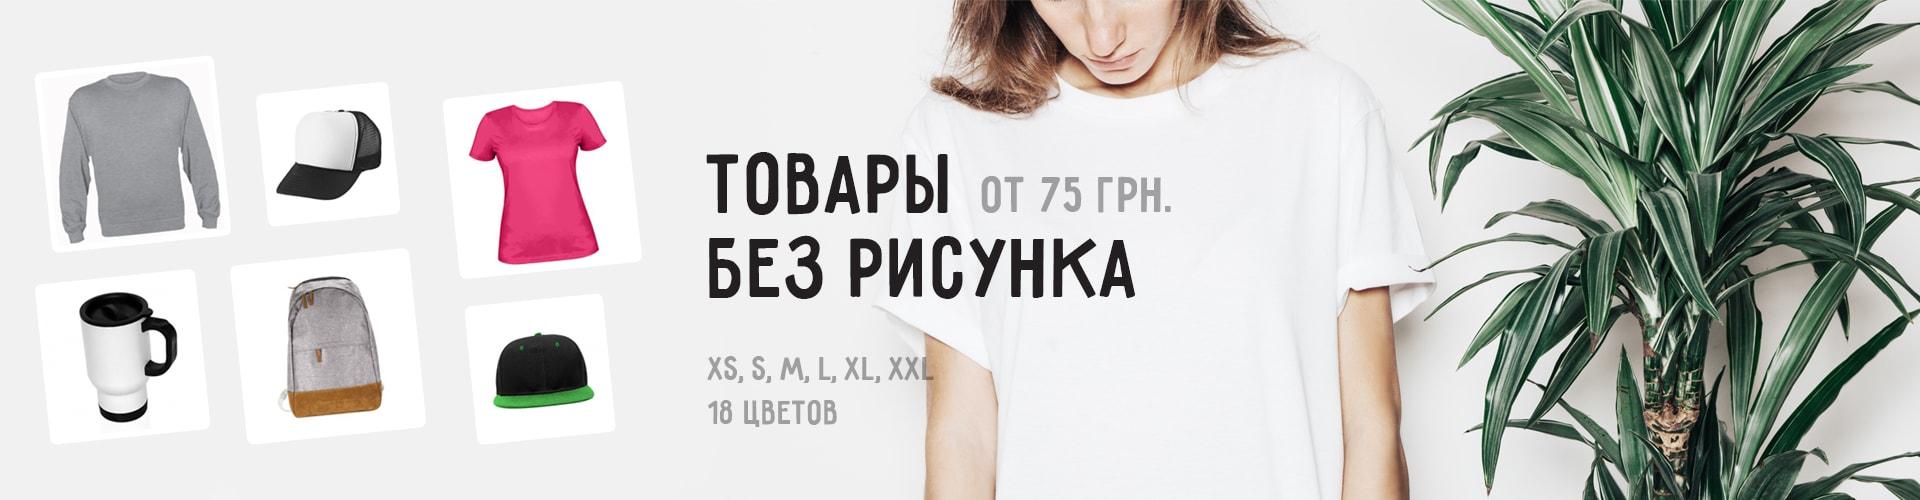 Футболки на замовлення в Києві 77097dd876fb8